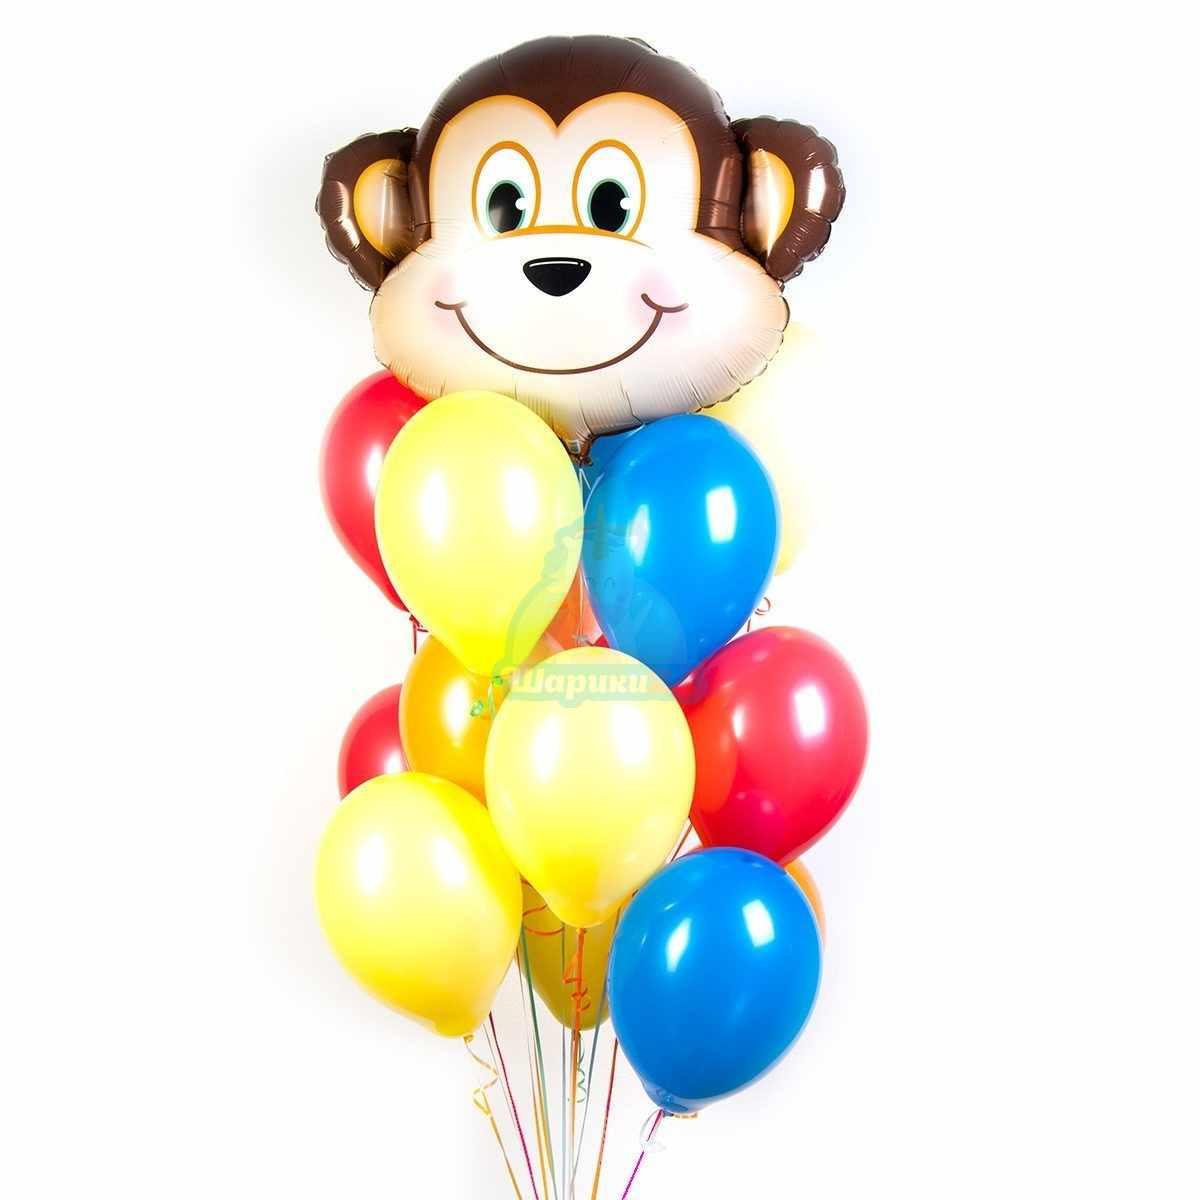 Букет ассорти с обезьянкой фото в интернет-магазине Шарики 24